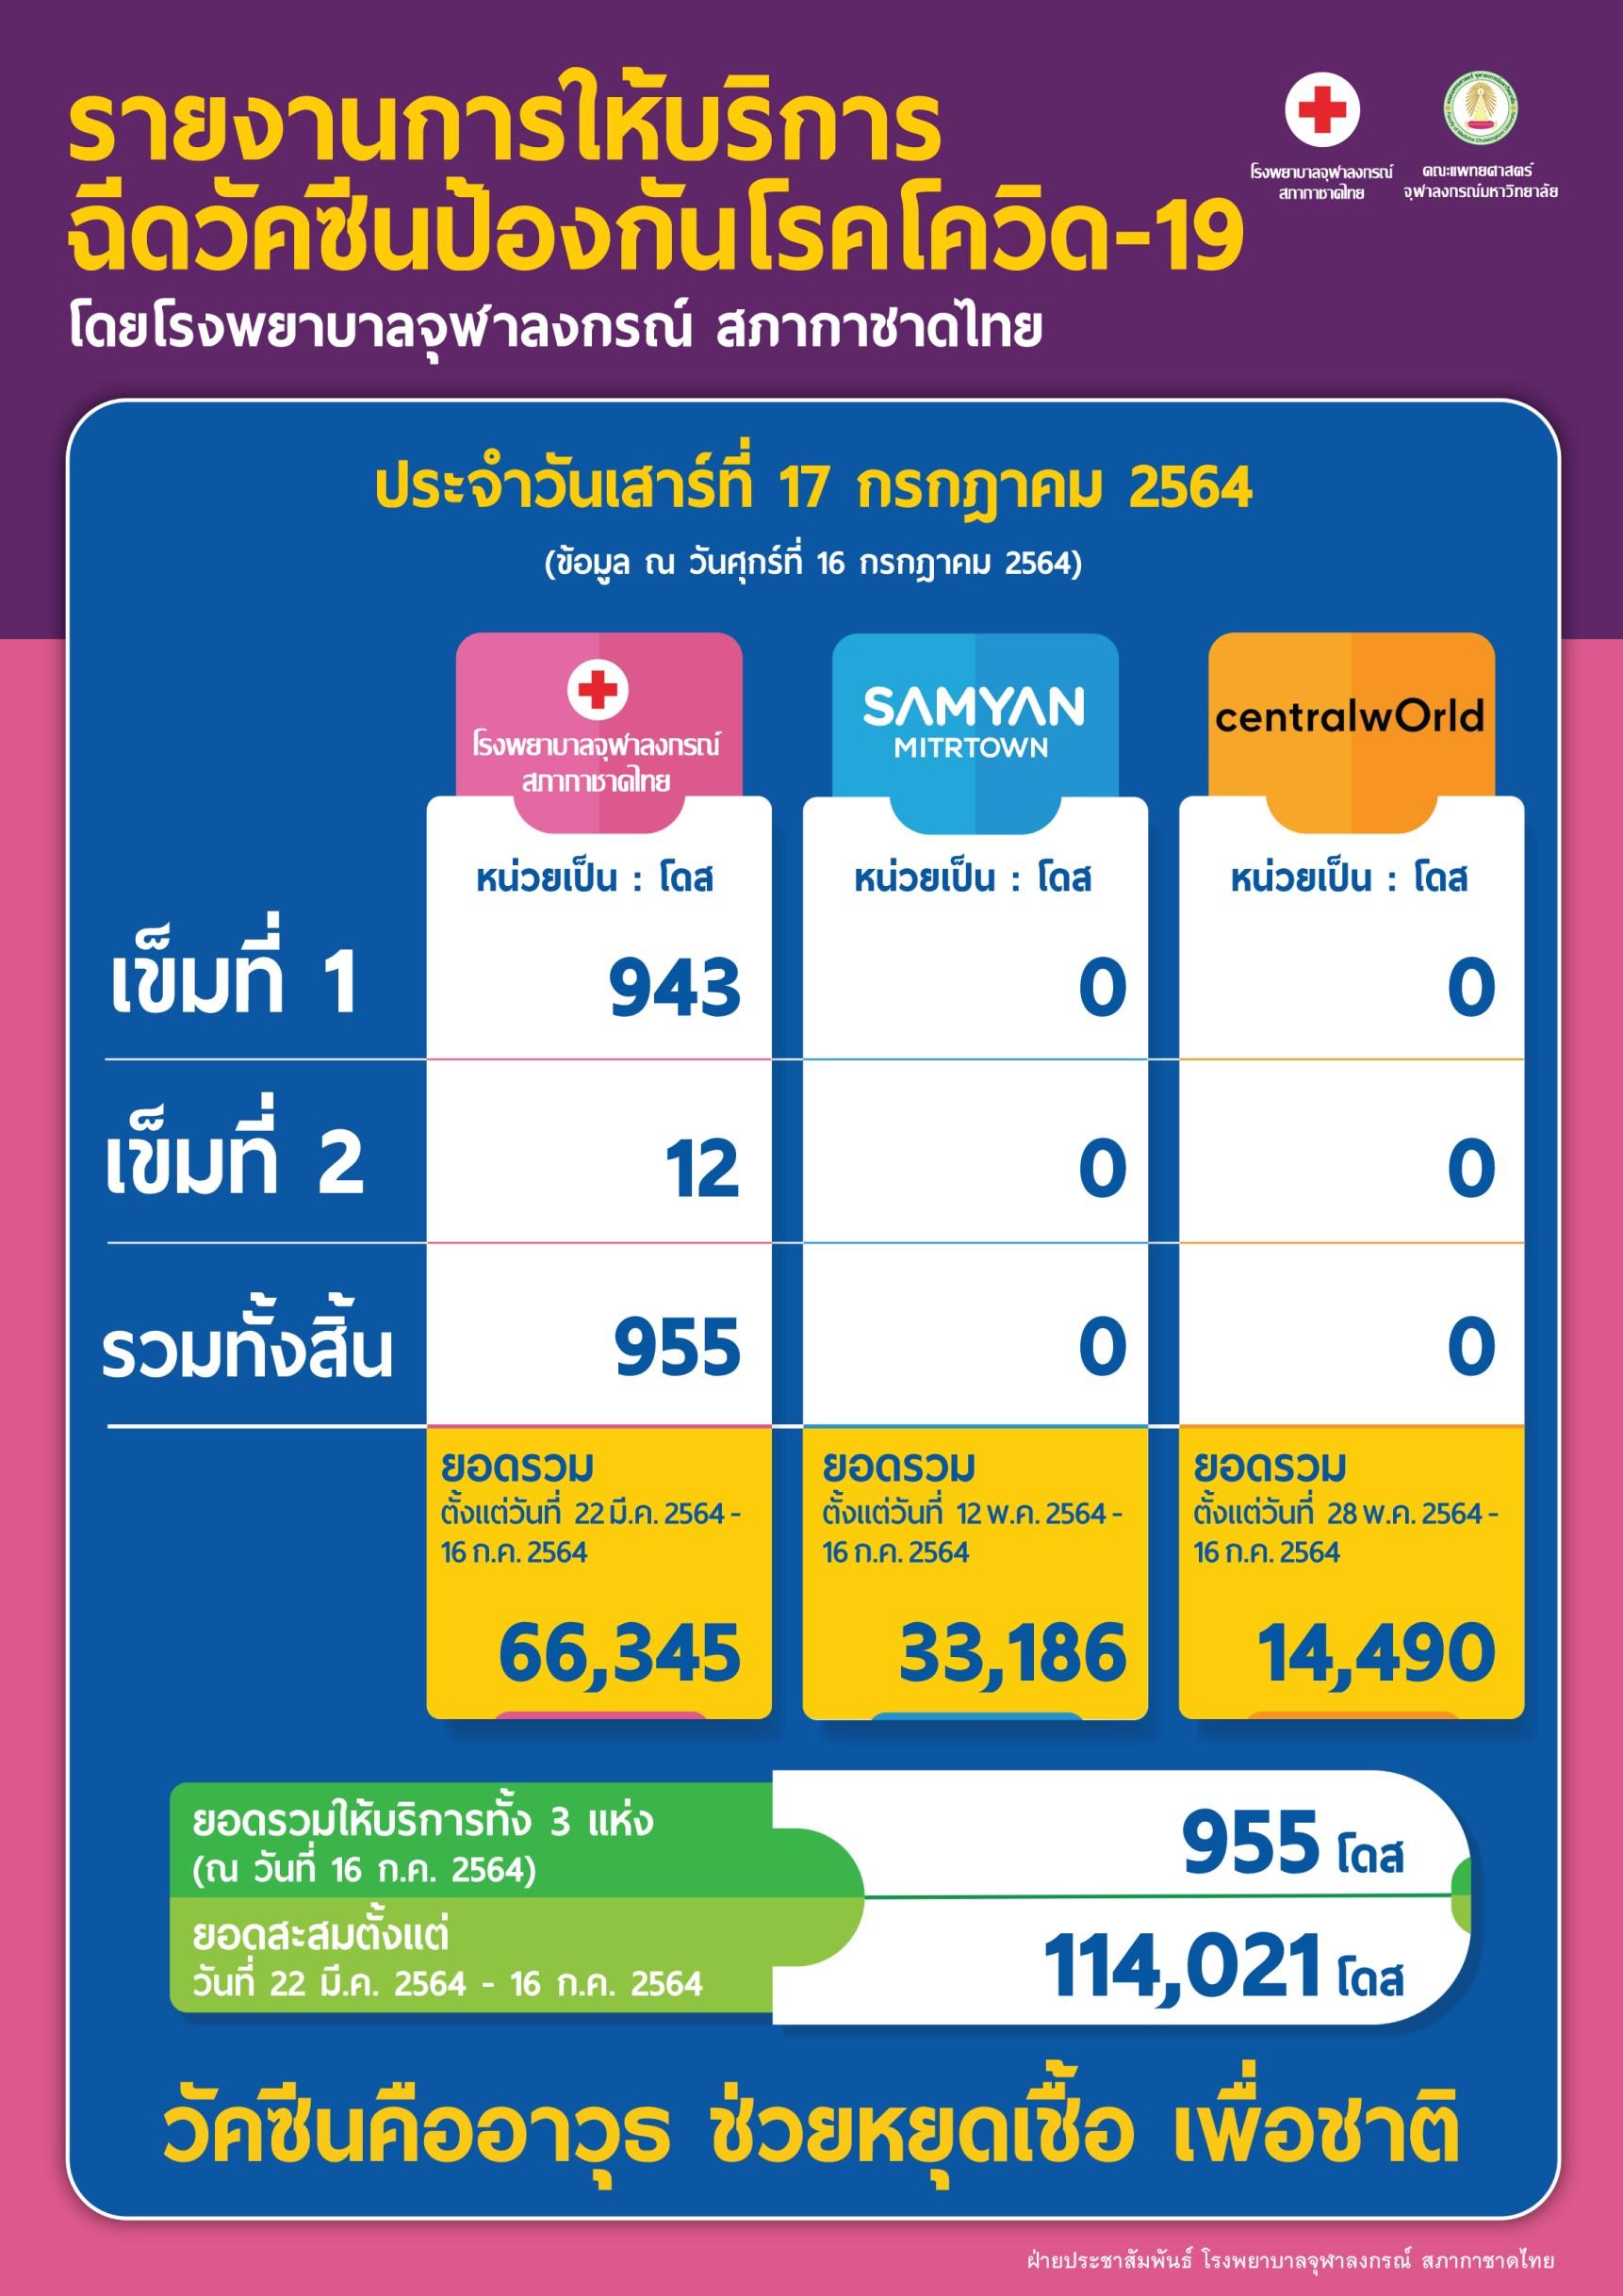 รายงานการให้บริการฉีดวัคซีนป้องกันโรคโควิด-19 โดยโรงพยาบาลจุฬาลงกรณ์ สภากาชาดไทย ประจำวันเสาร์ที่ 17 กรกฎาคม 2564